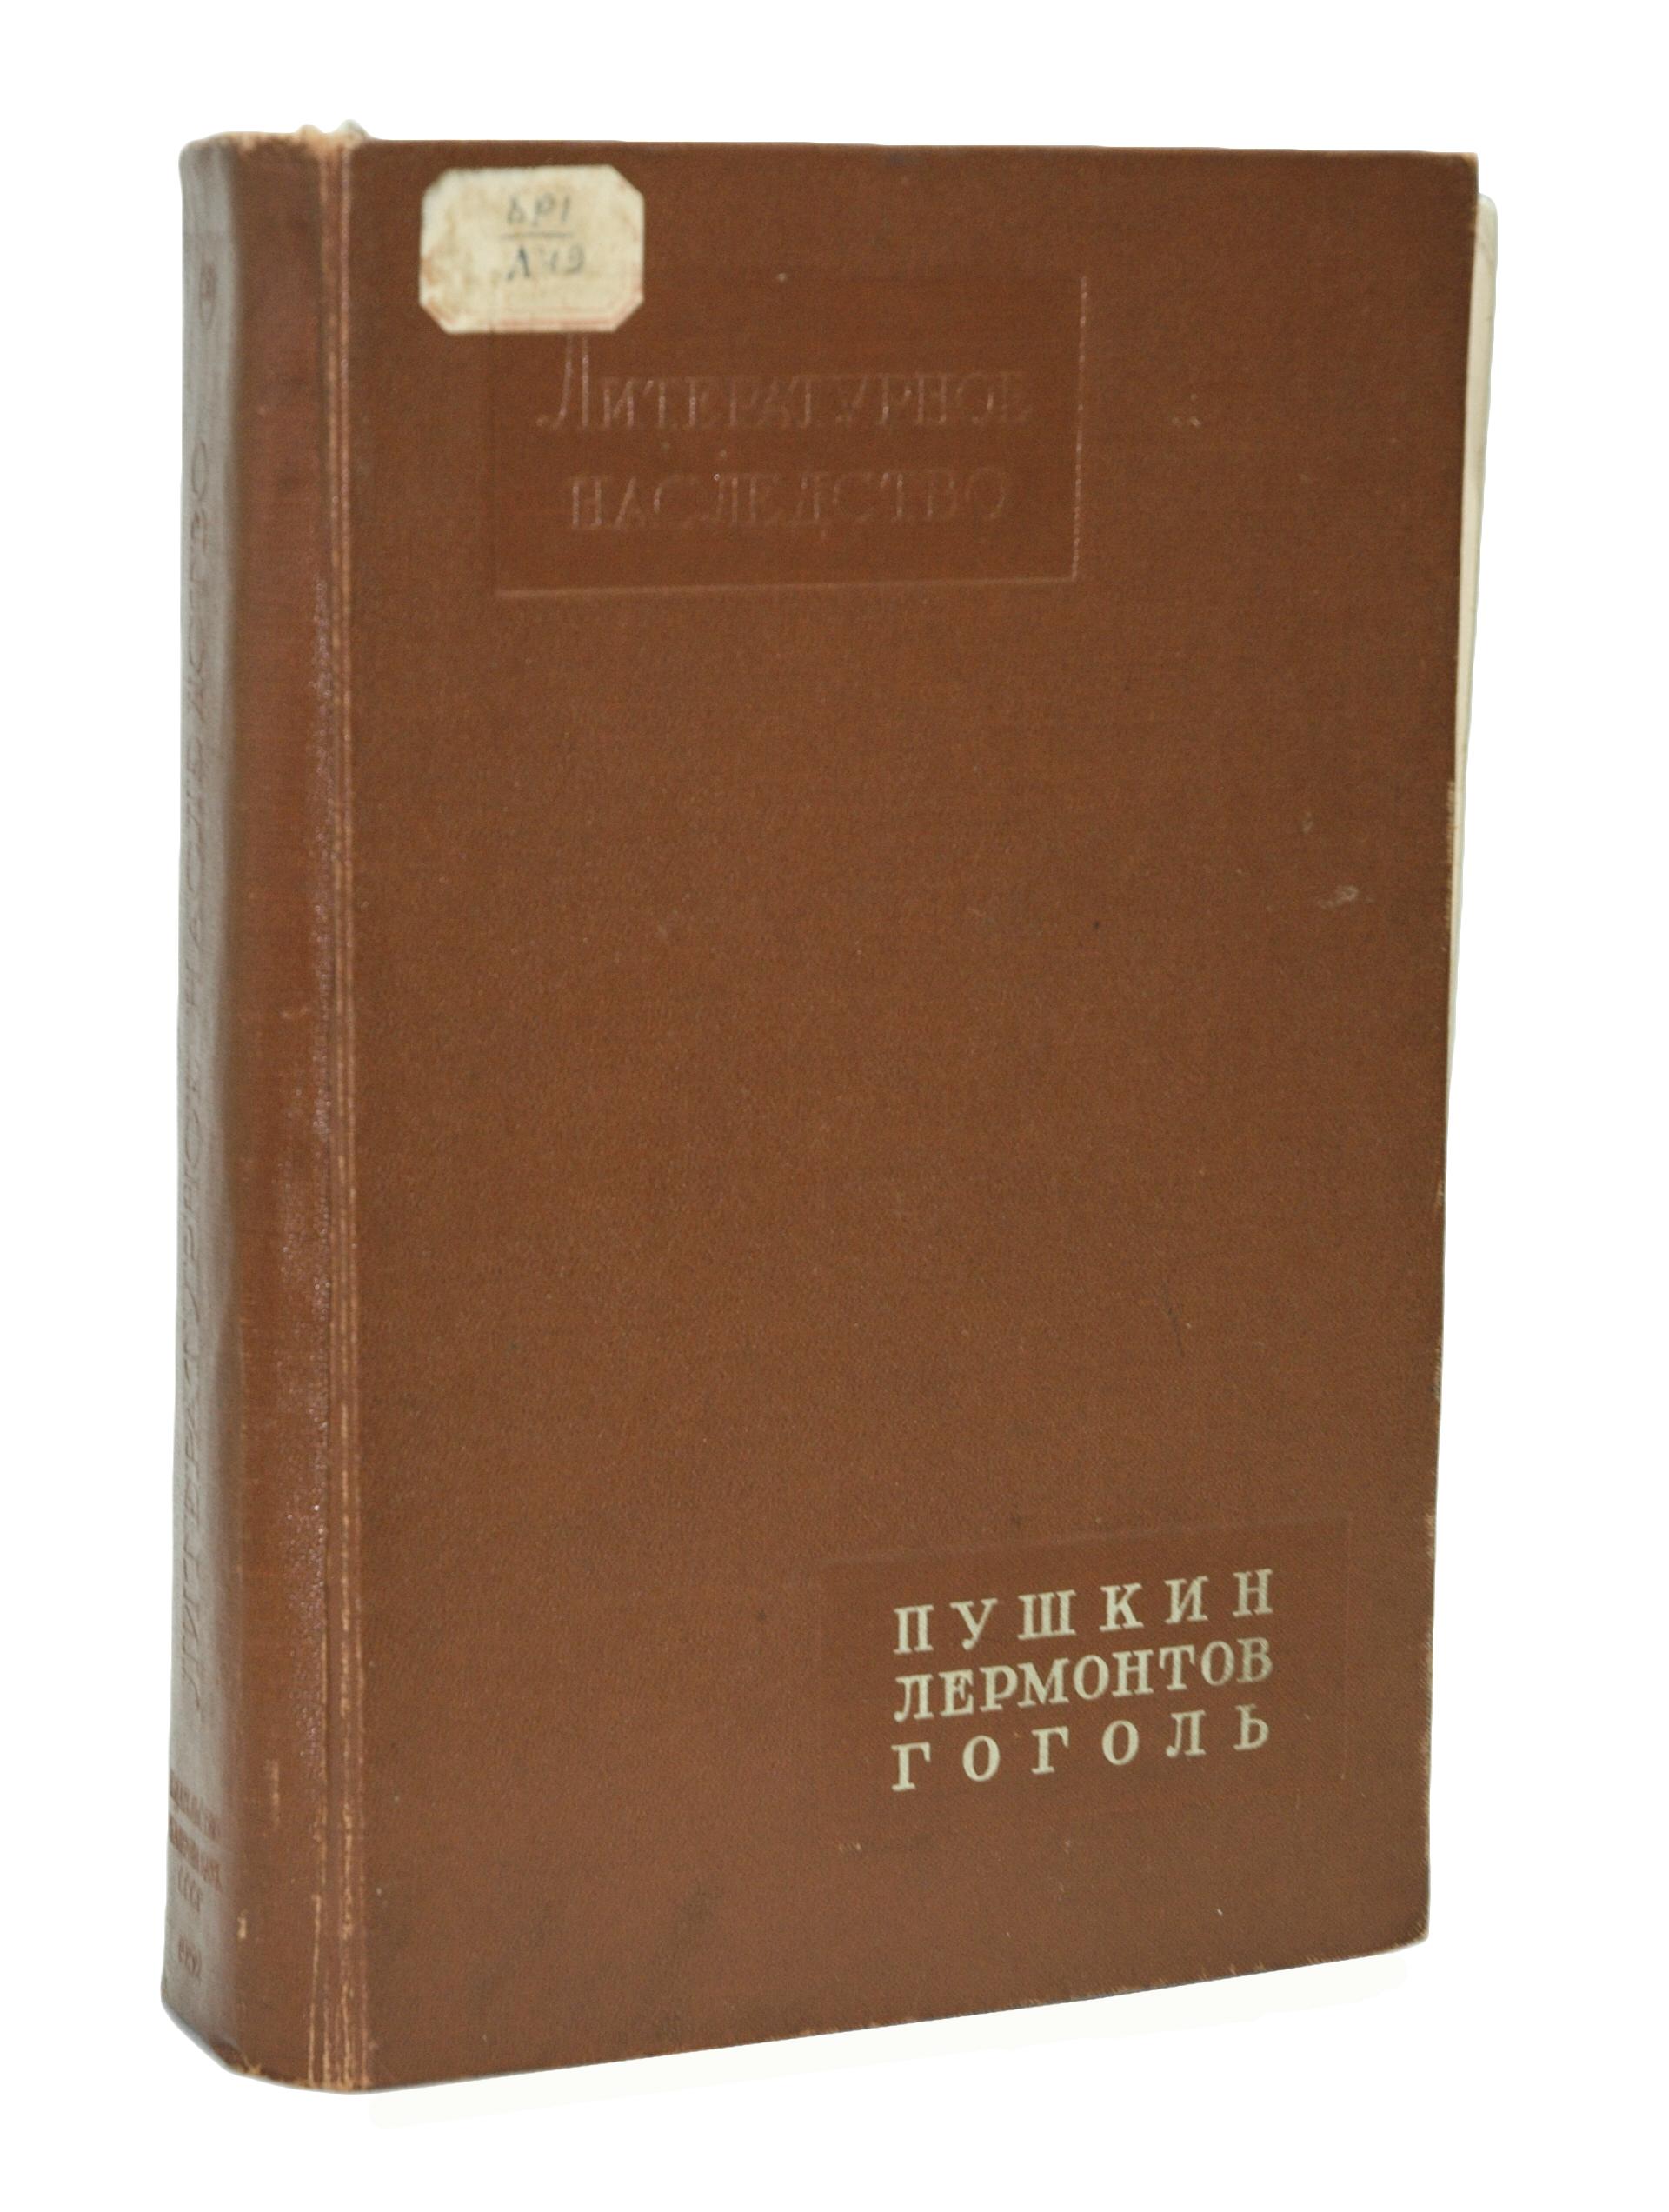 ЛОК-2969 ТАРХАНЫ КП-6360  Книга Литературное наследство. Т. 58._1